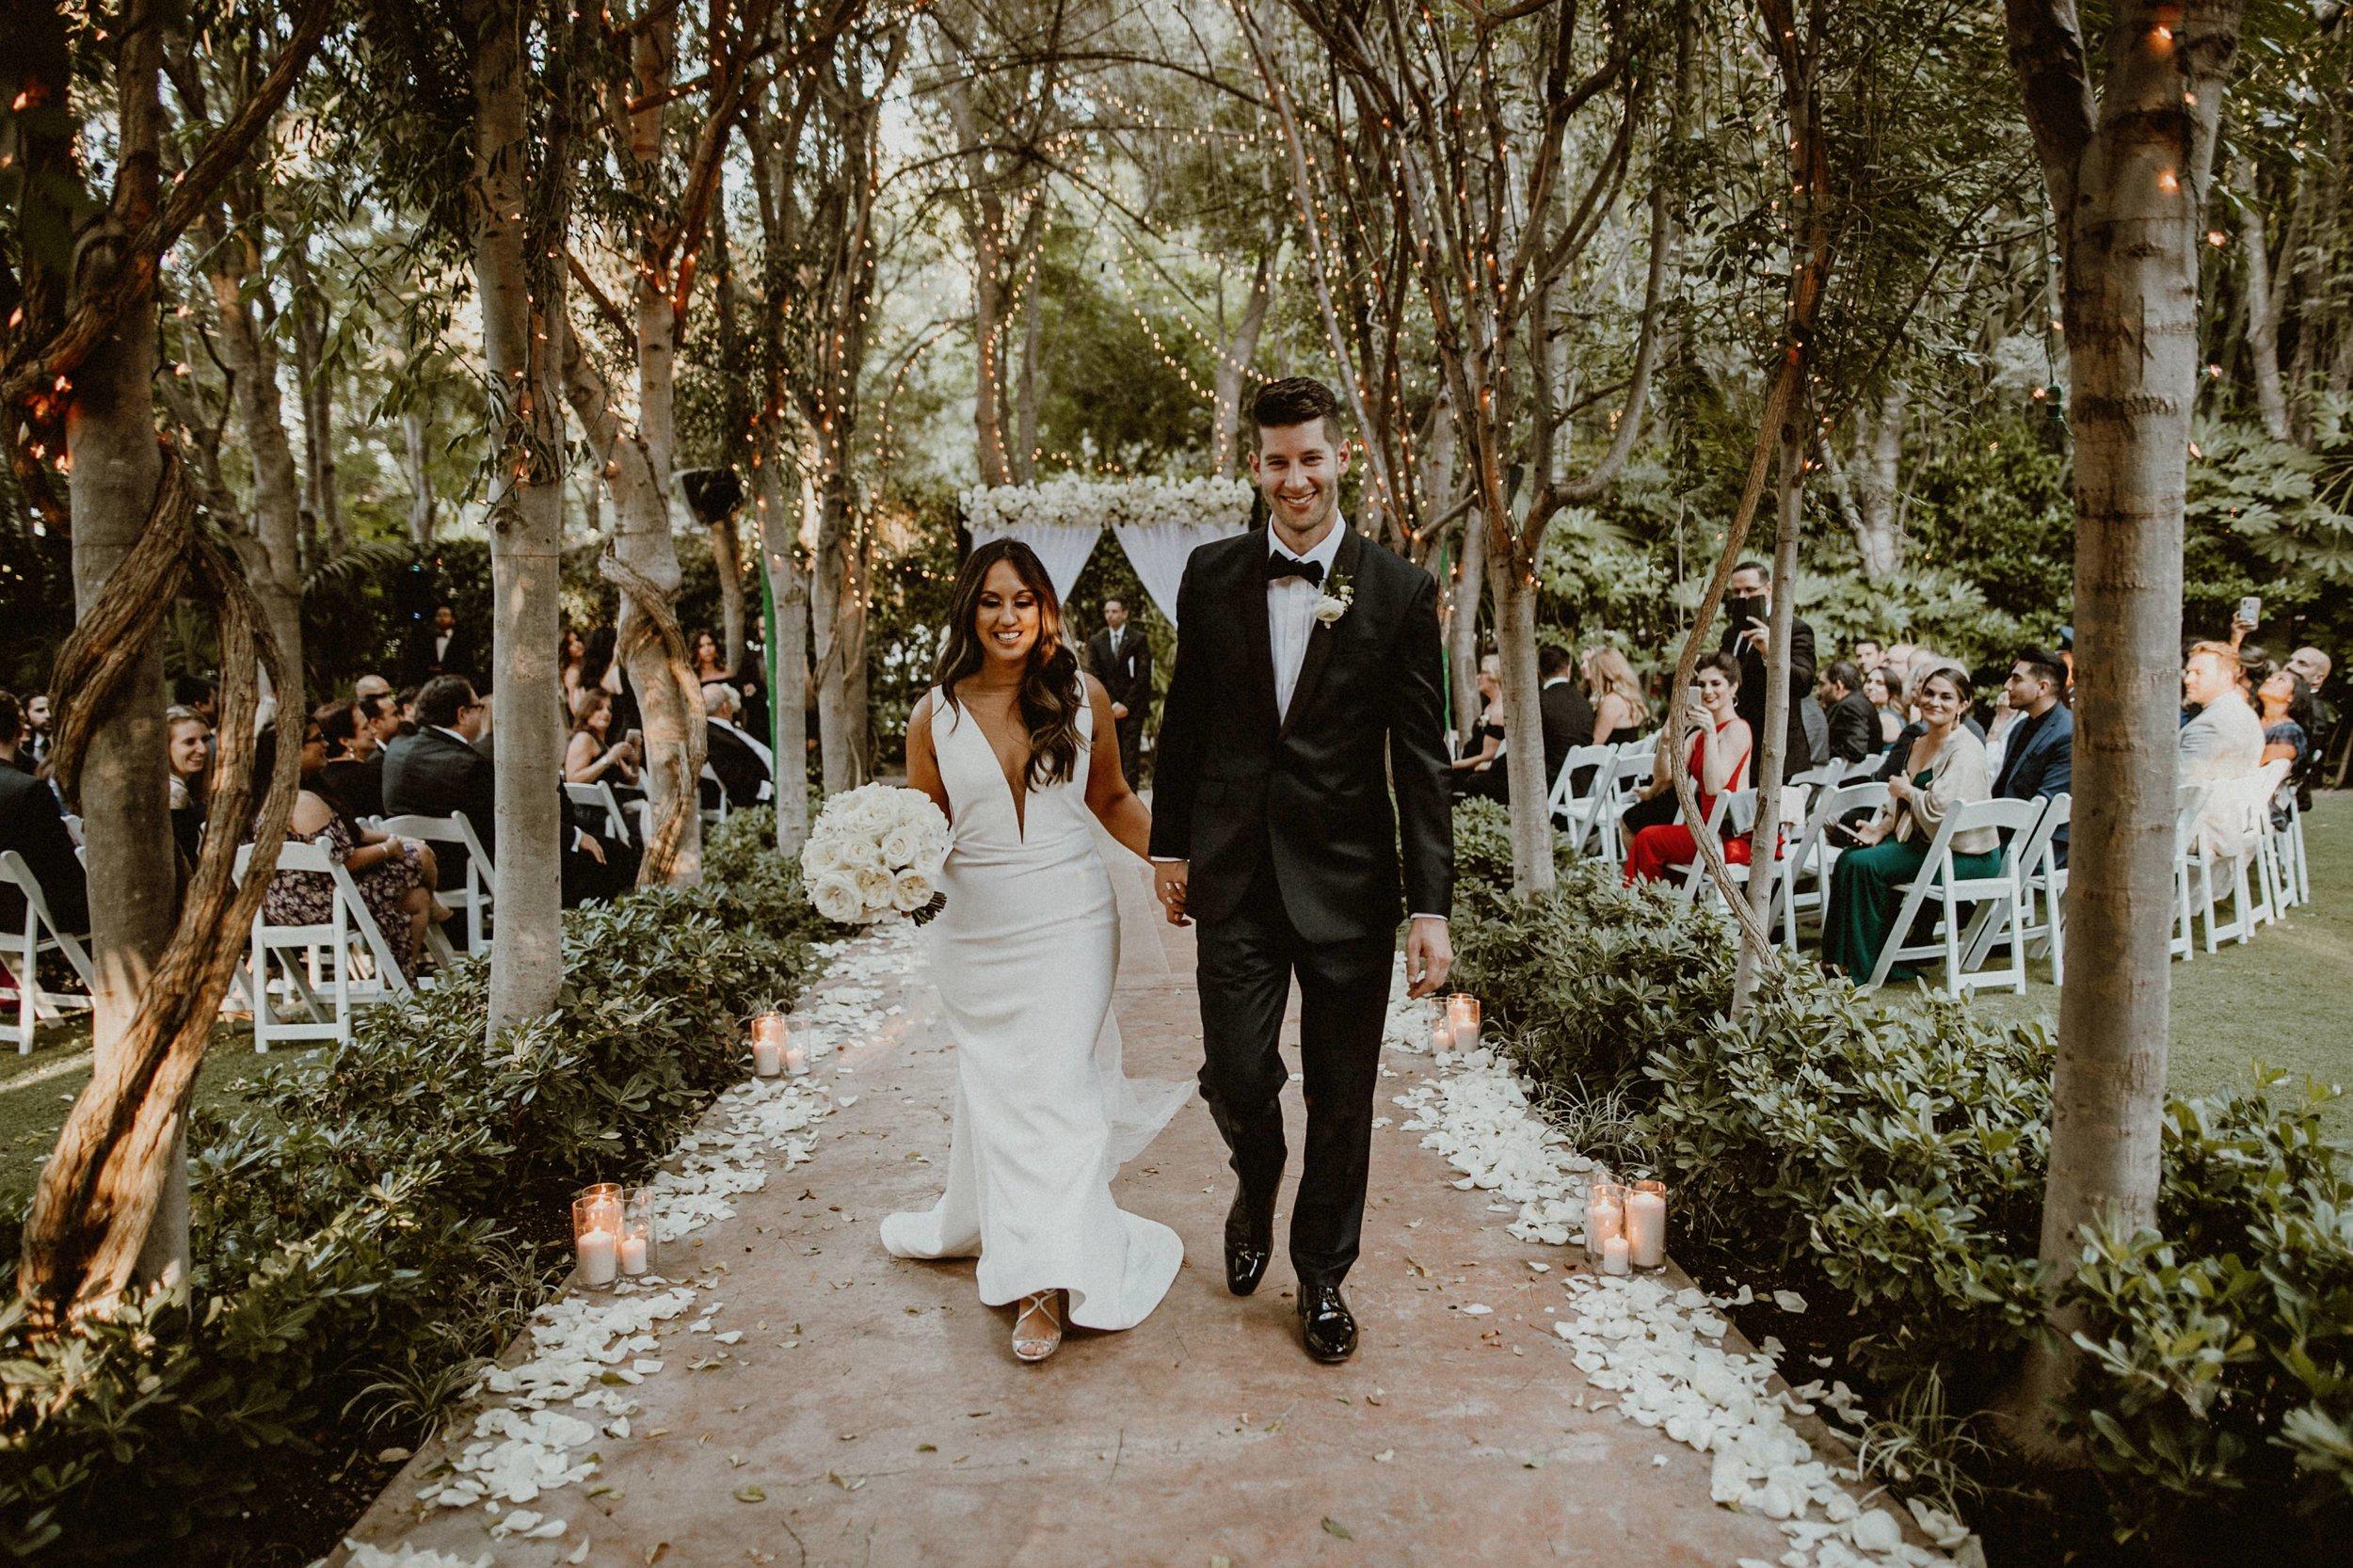 Sarah & Michael - September 16, 2018Hartley BotanicaPhoto: Gina & Ryan Photography